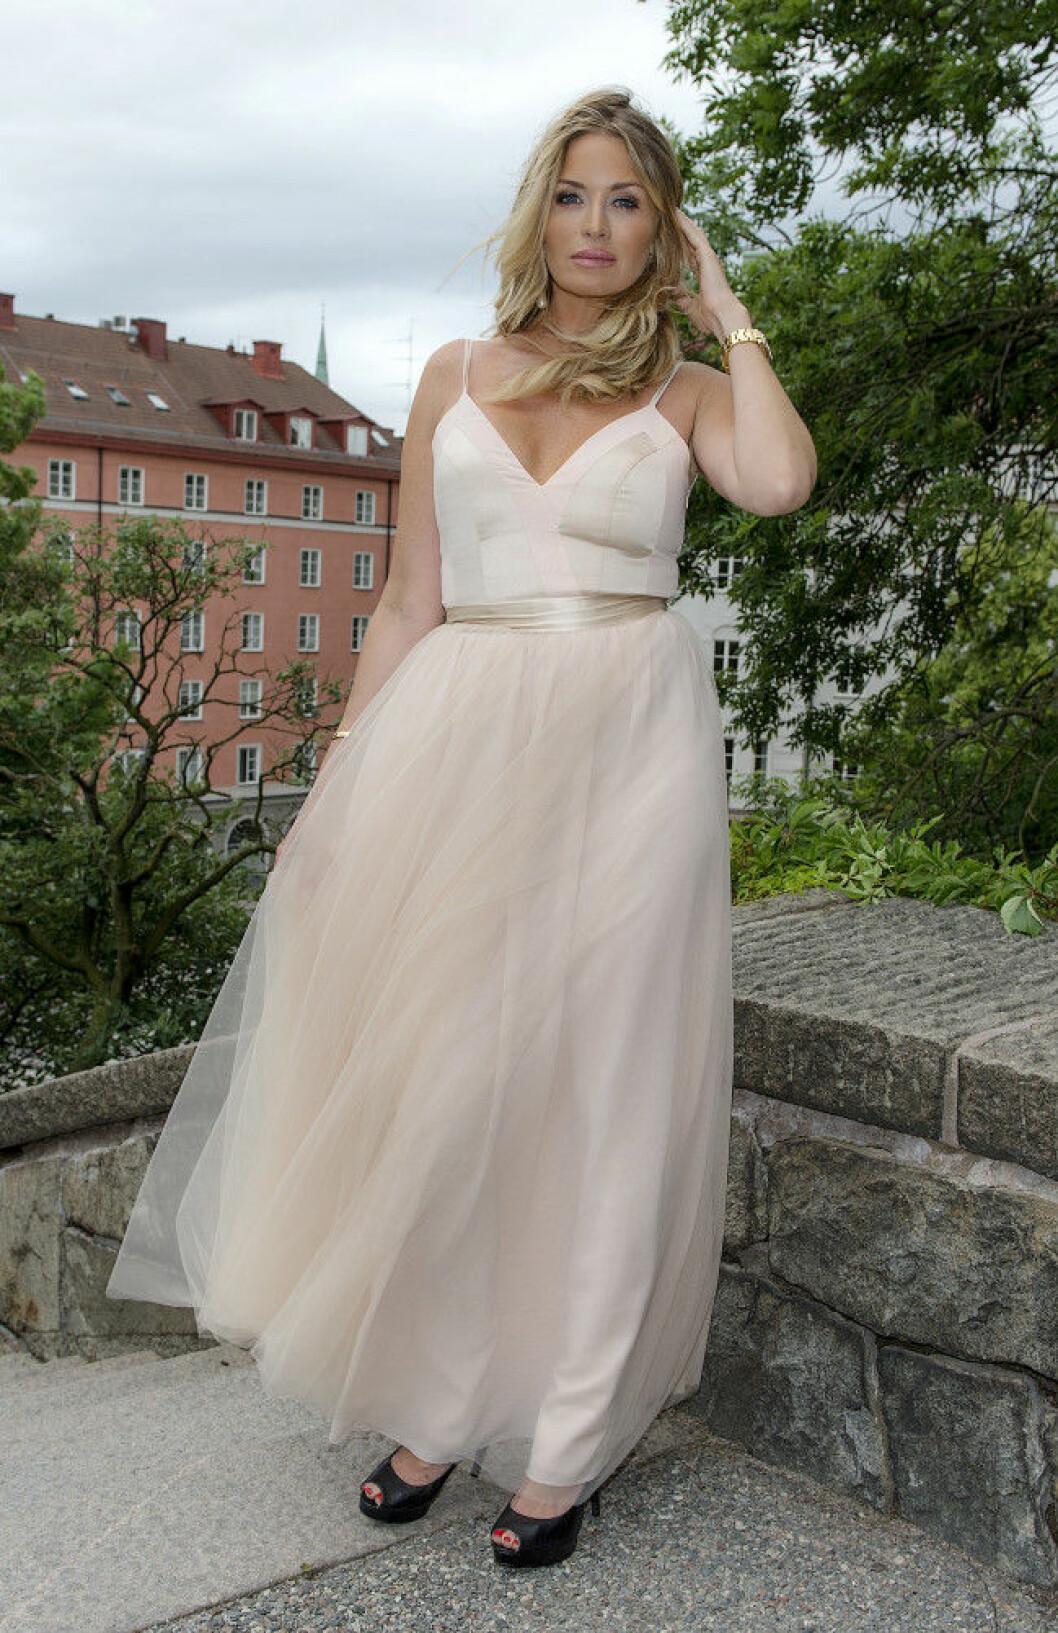 Carolina Gynning Bobby Oduncus och Jimi Bennets bröllop på Engelbrektskyrkan, Stockholm 16-07-02 Foto ©Eero Hannukainen EEROBILD AB IBL *** Local Caption *** 06586431